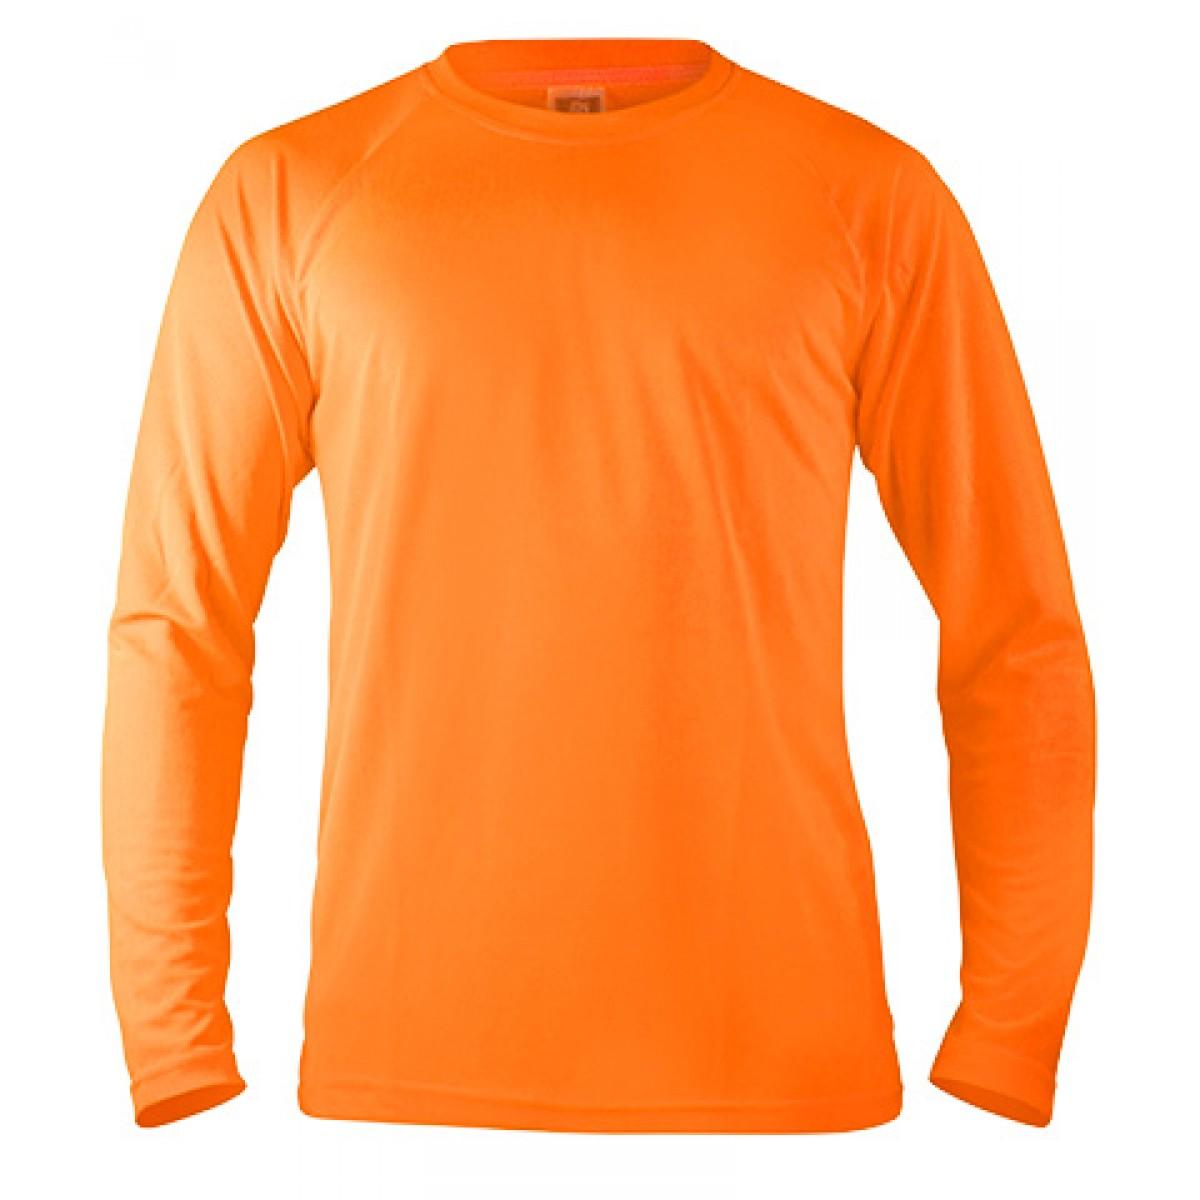 Long Sleeve Performance -Safety Orange-2XL